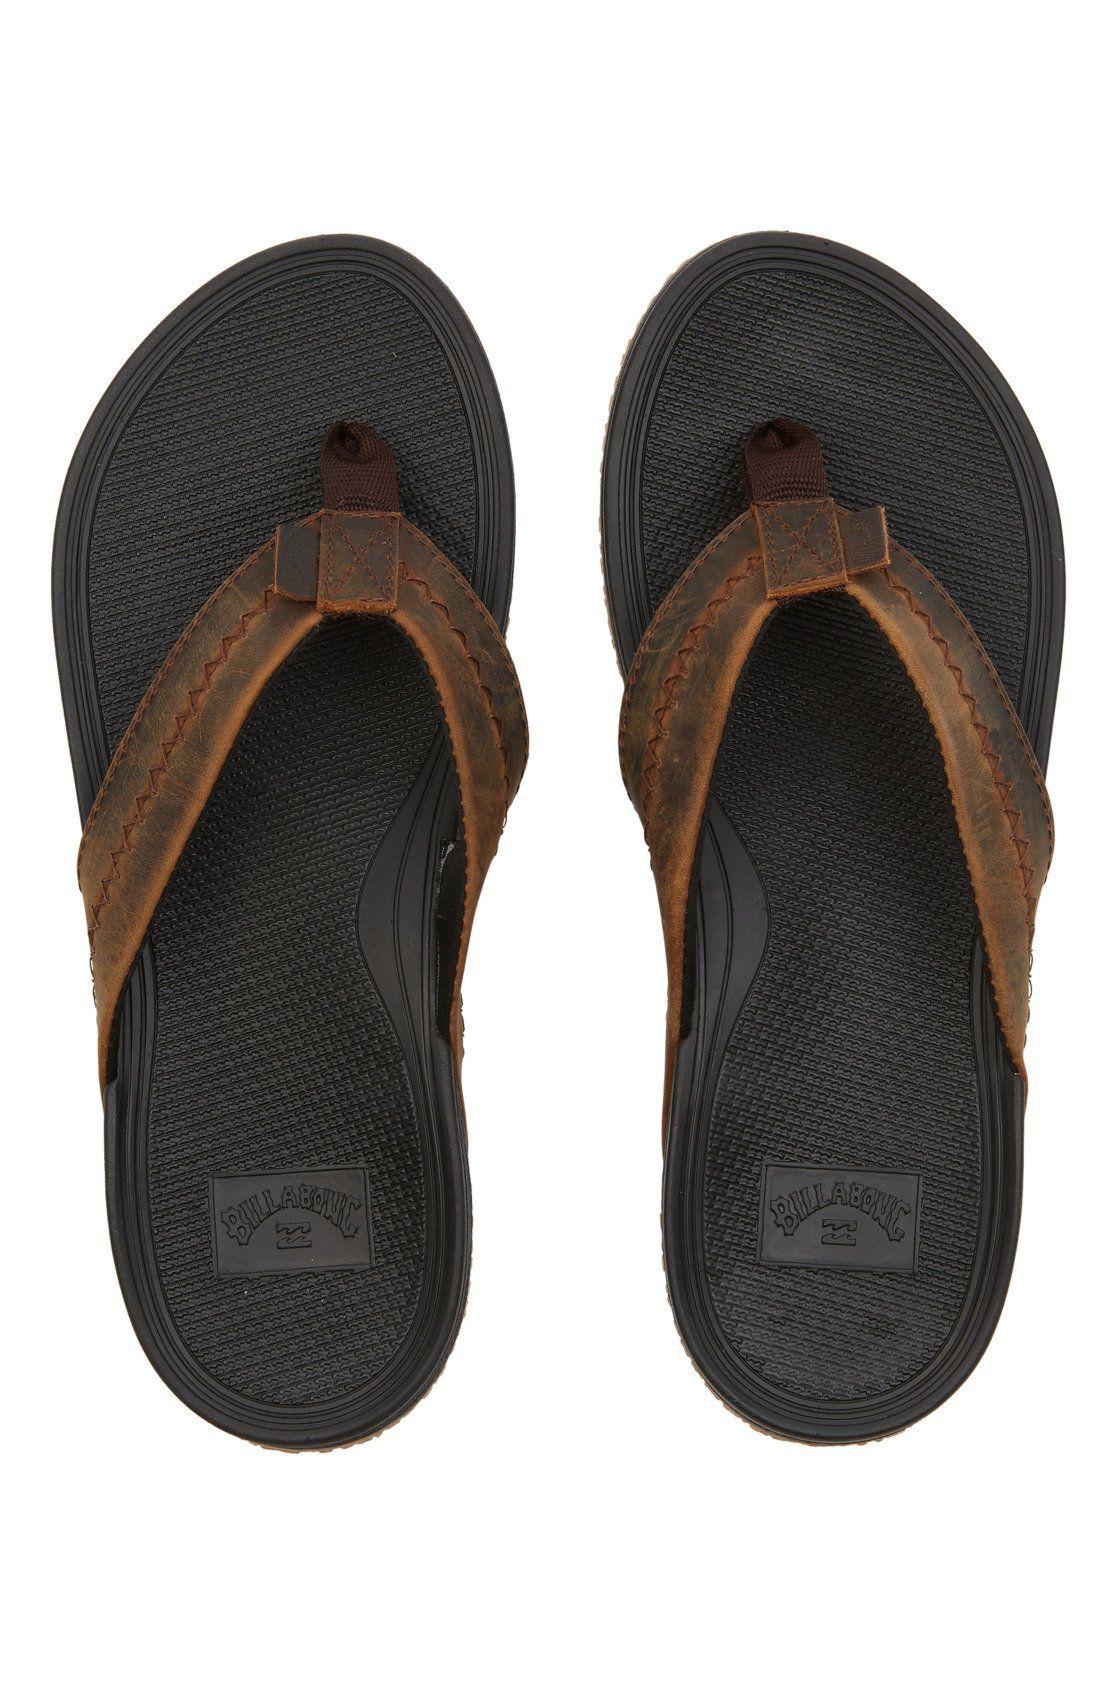 Billabong Sandals BRUNSWICK Black